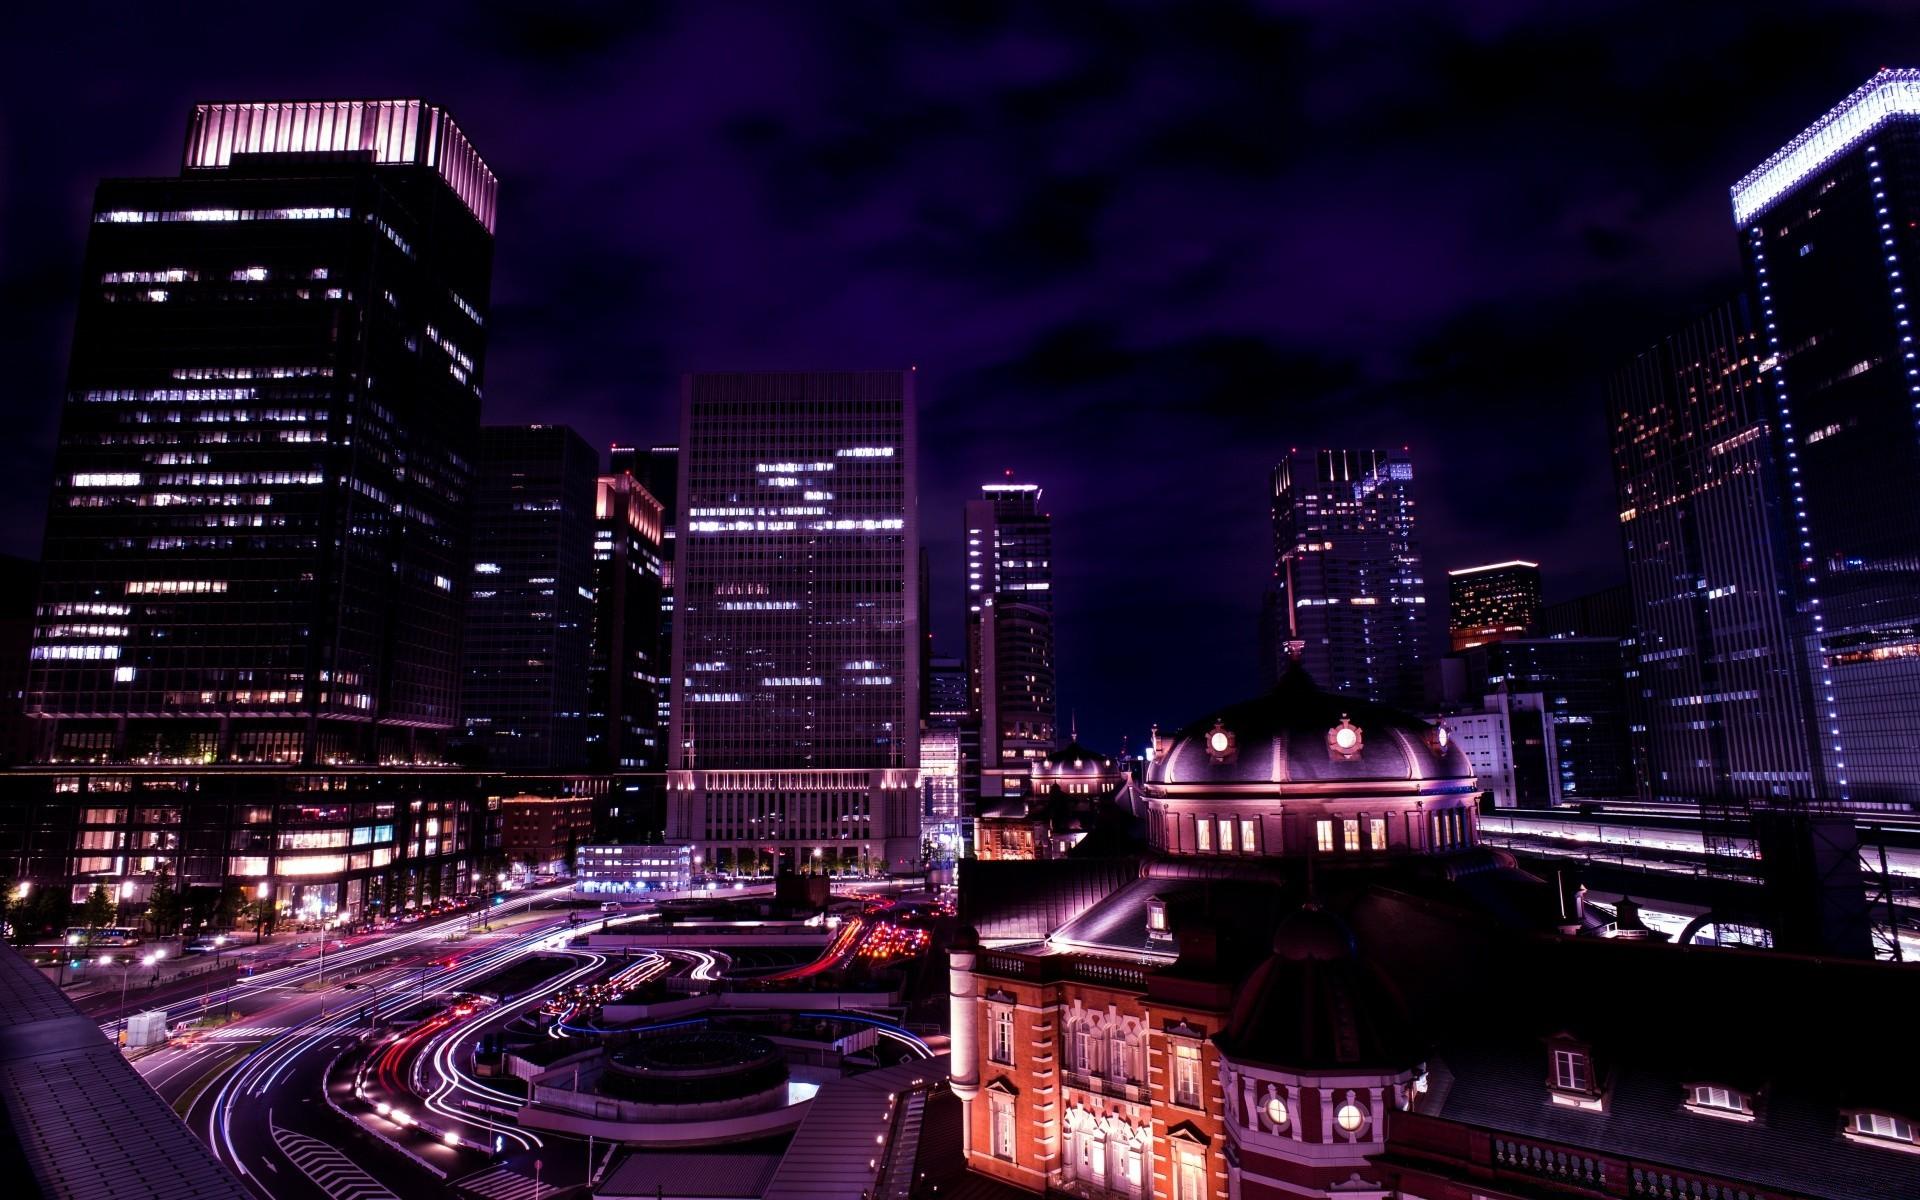 Ночной Токио Japan, Tokyo, night скачать